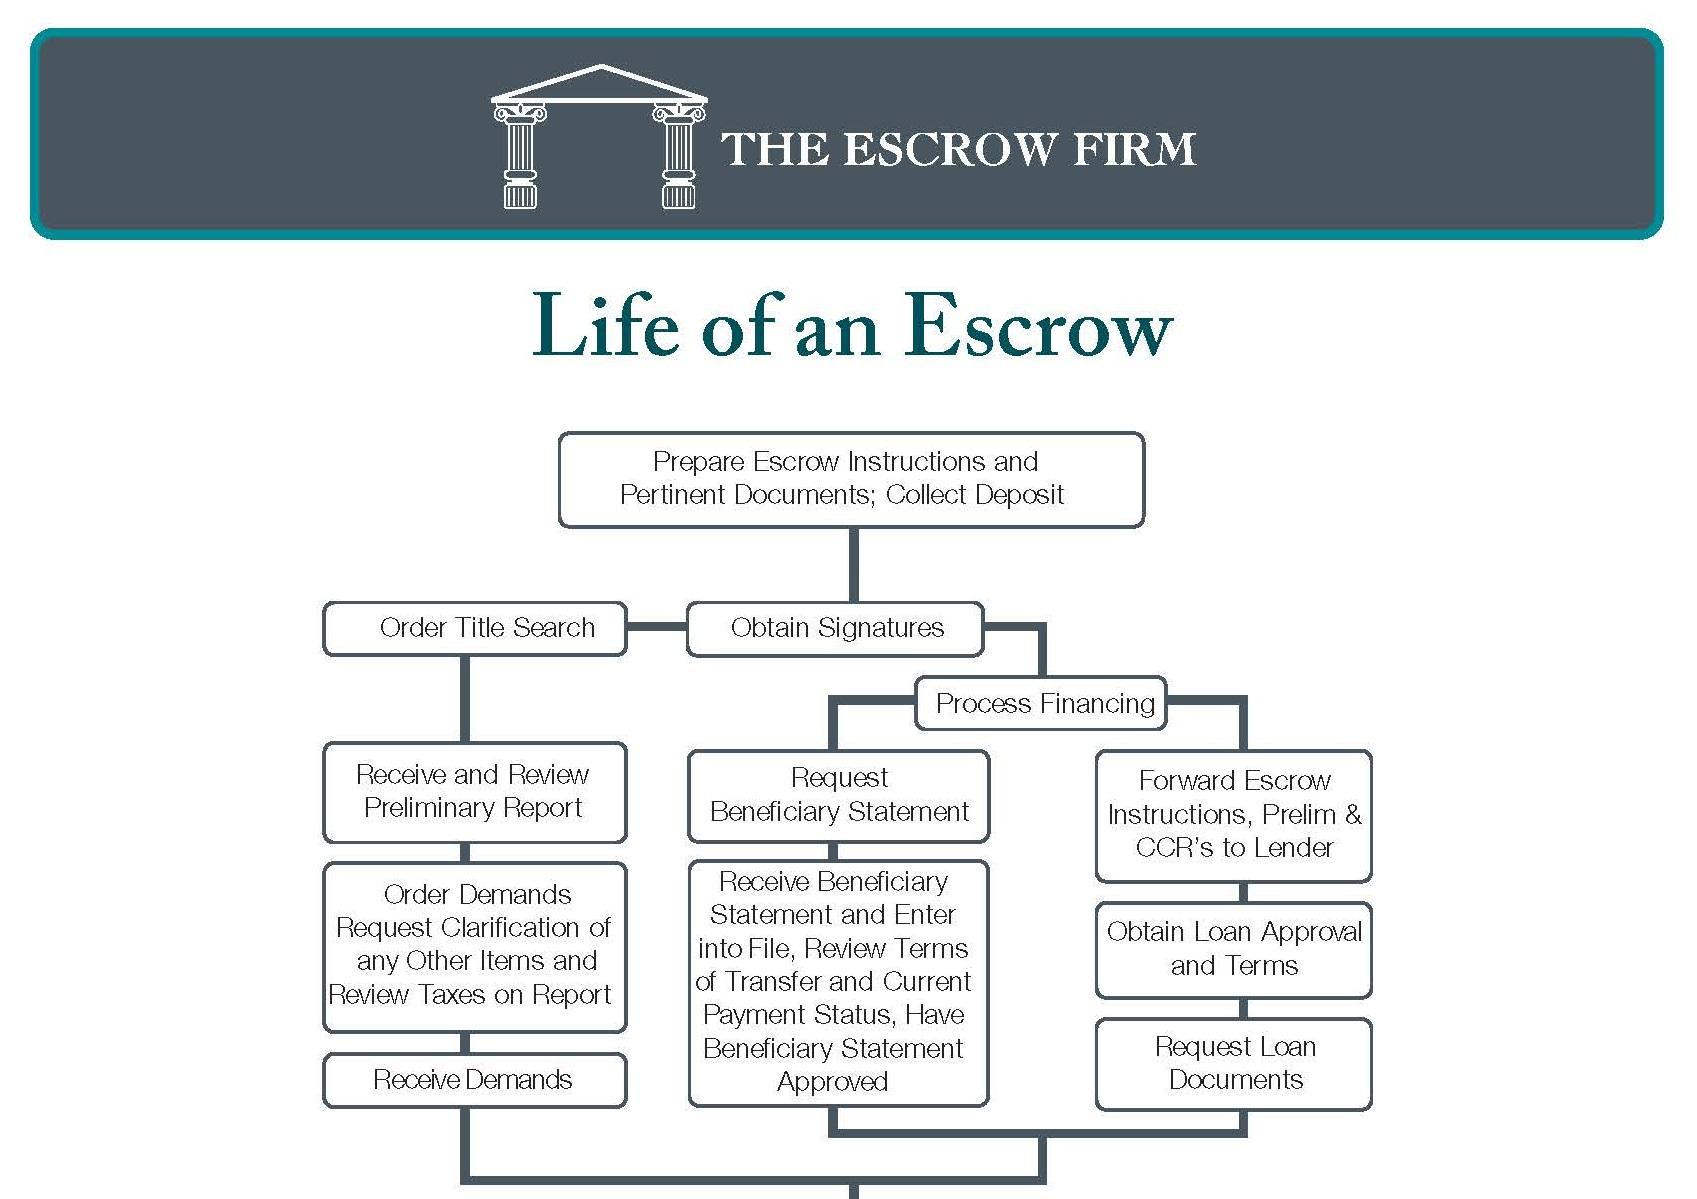 Life of an Escrow